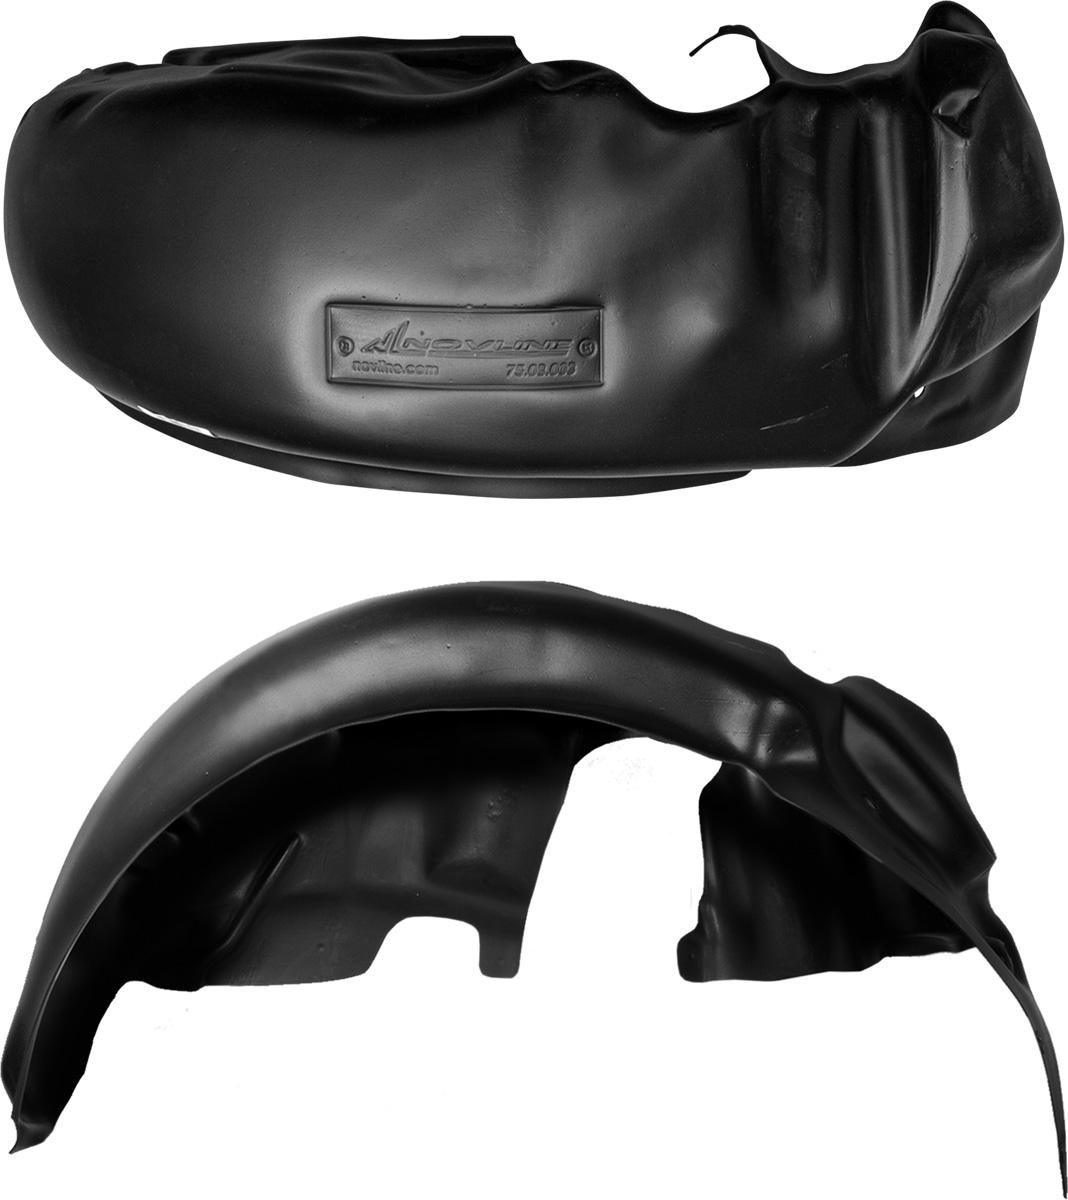 Подкрылок NISSAN X-Trail, 2007-2011, задний правыйNLL.36.20.004Колесные ниши – одни из самых уязвимых зон днища вашего автомобиля. Они постоянно подвергаются воздействию со стороны дороги. Лучшая, почти абсолютная защита для них - специально отформованные пластиковые кожухи, которые называются подкрылками, или локерами. Производятся они как для отечественных моделей автомобилей, так и для иномарок. Подкрылки выполнены из высококачественного, экологически чистого пластика. Обеспечивают надежную защиту кузова автомобиля от пескоструйного эффекта и негативного влияния, агрессивных антигололедных реагентов. Пластик обладает более низкой теплопроводностью, чем металл, поэтому в зимний период эксплуатации использование пластиковых подкрылков позволяет лучше защитить колесные ниши от налипания снега и образования наледи. Оригинальность конструкции подчеркивает элегантность автомобиля, бережно защищает нанесенное на днище кузова антикоррозийное покрытие и позволяет осуществить крепление подкрылков внутри колесной арки практически без дополнительного...